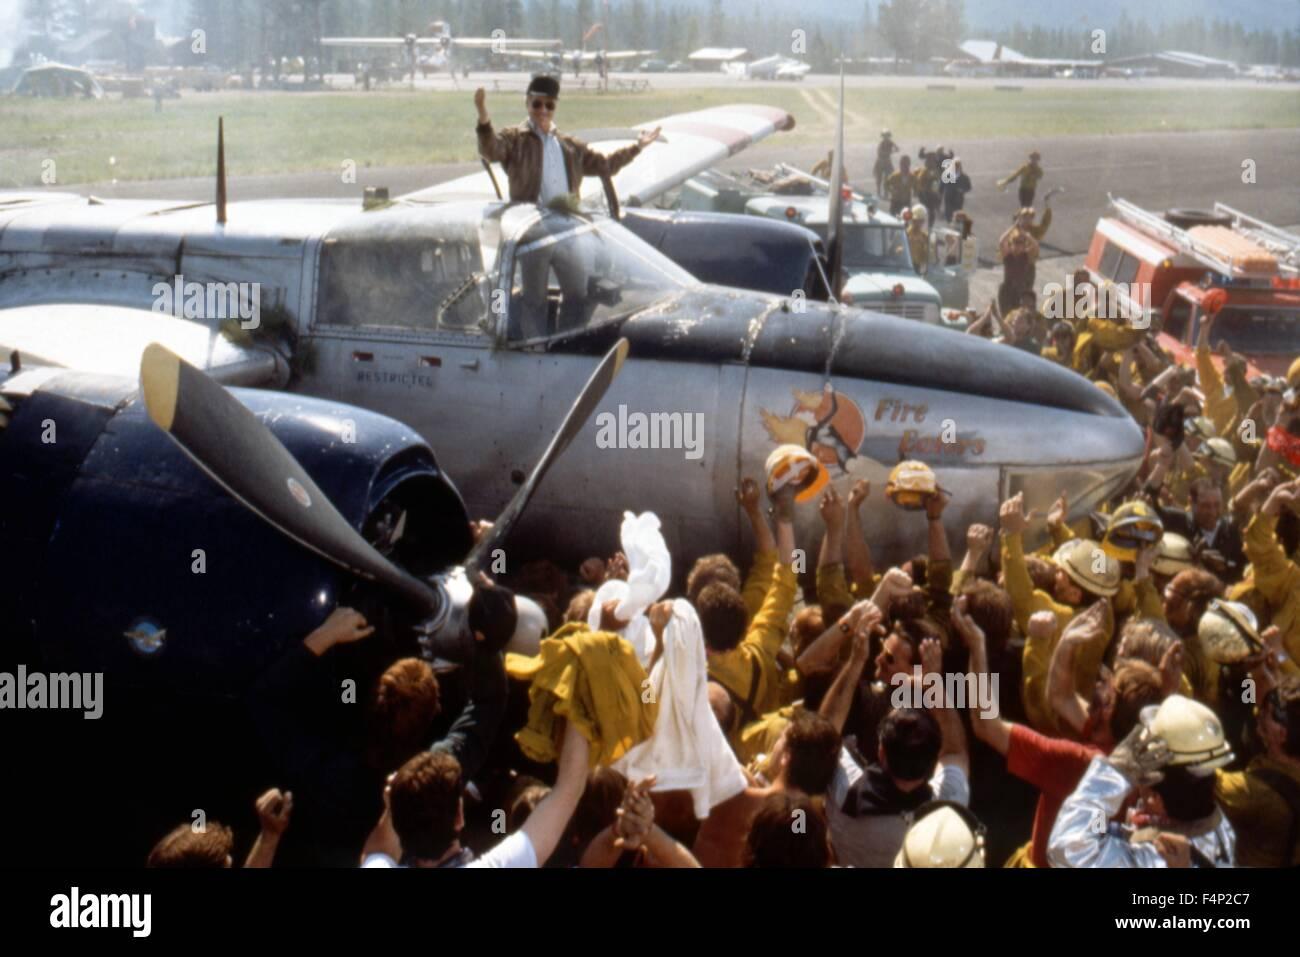 Richard Dreyfuss / Toujours 1989 réalisé par Steven Spielberg Photo Stock